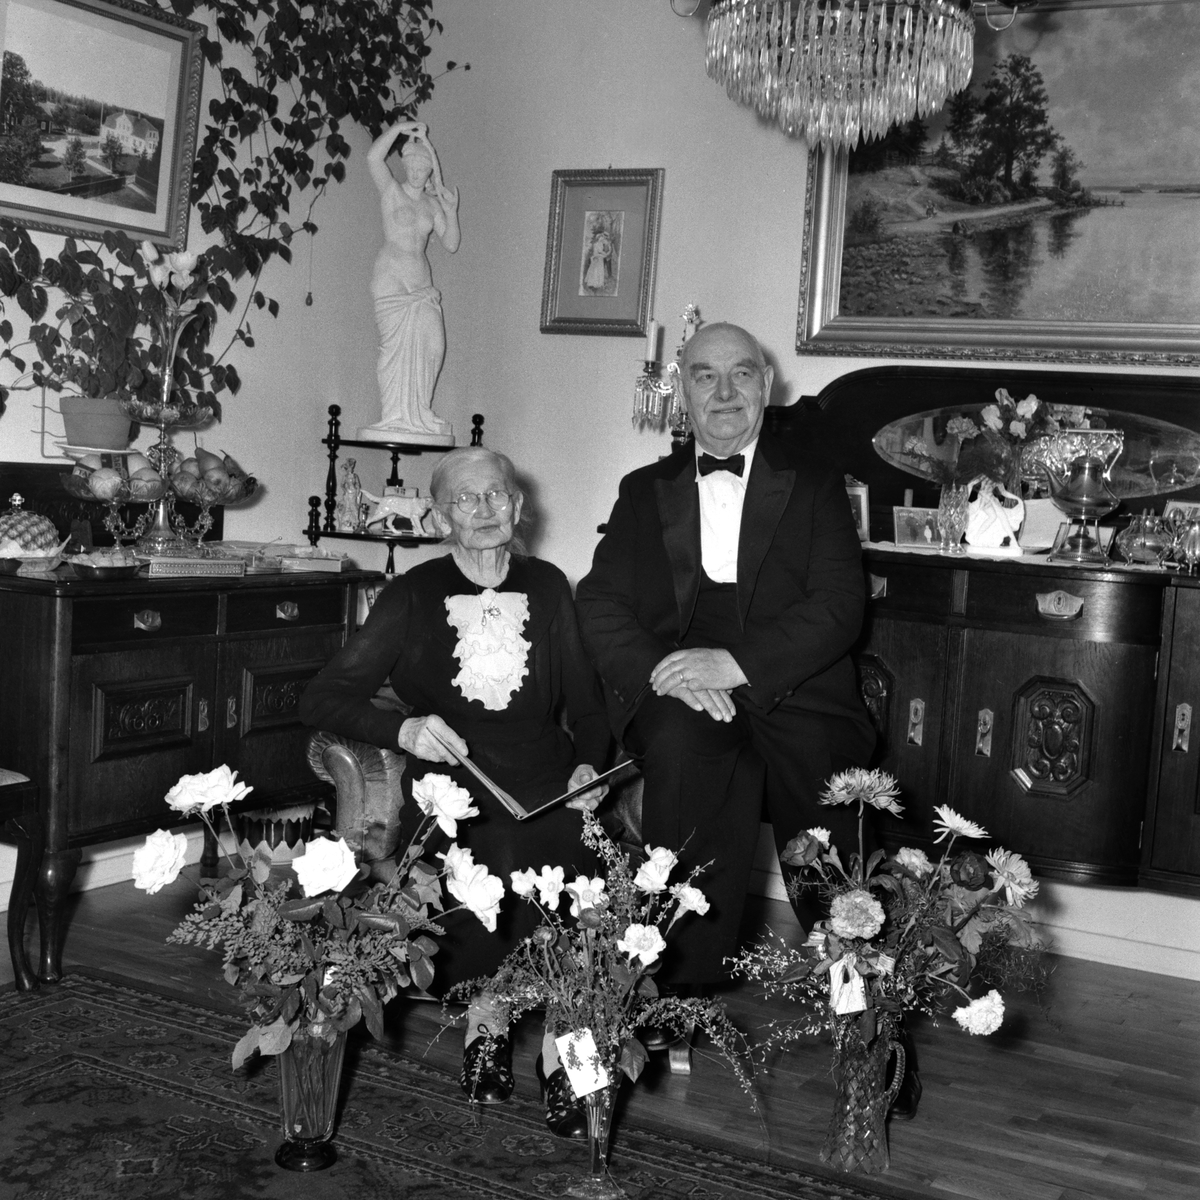 Herr Carl Lundberg. Apelgatan 13 den 28 december år 1952.   Gruppbild. Porträtt. Firande. Fest. Interiör. Par. Man och kvinna.   Extern info på kuvert: Carl Lundborg apelgatan 13.